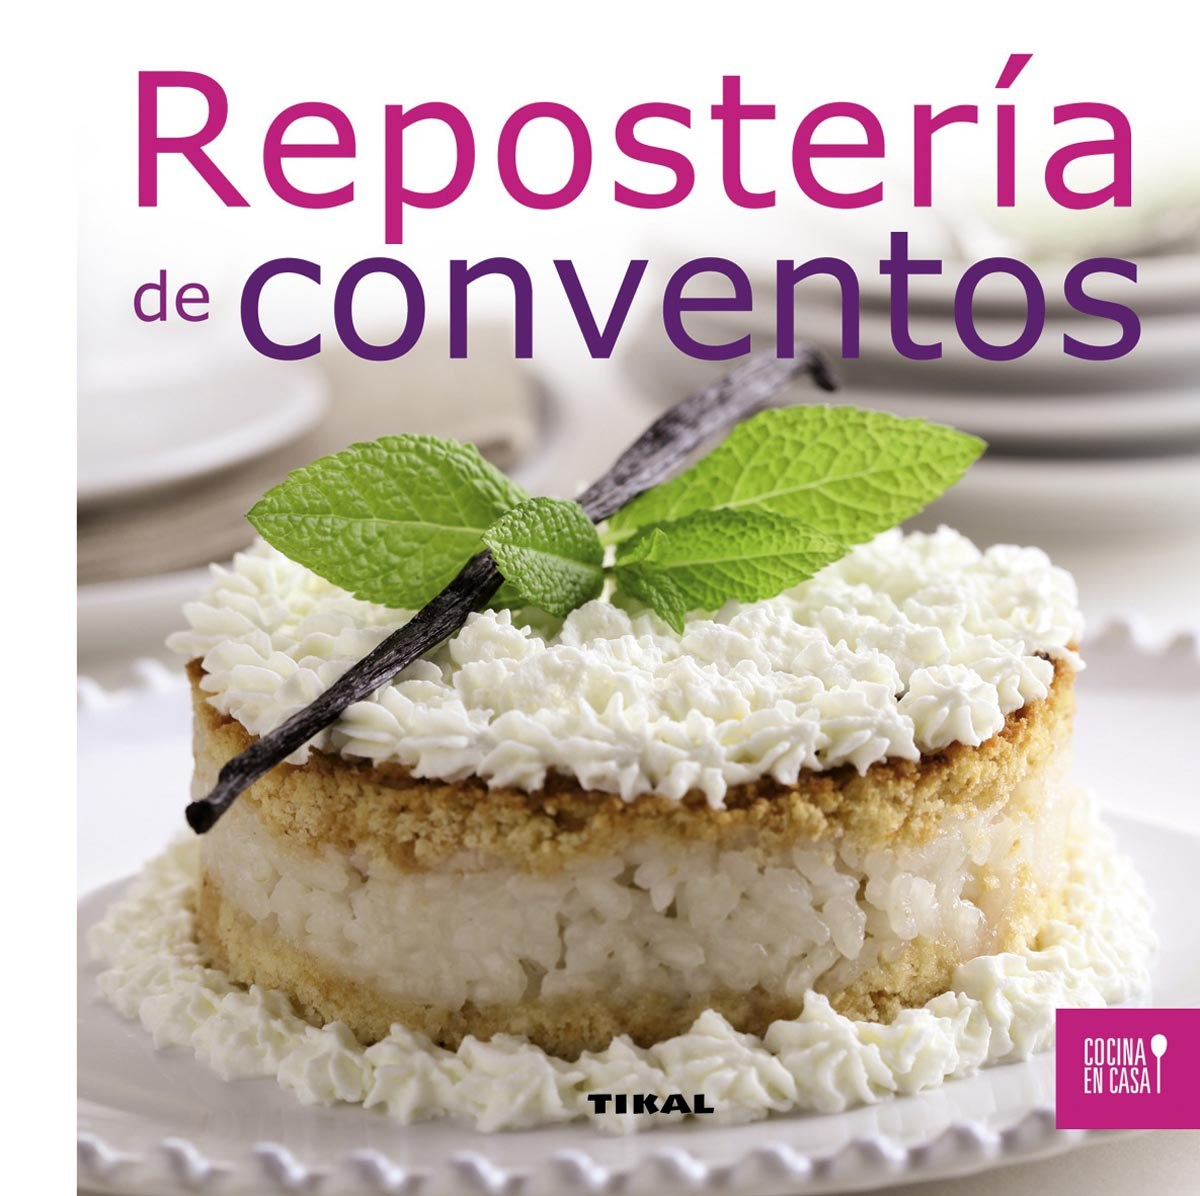 Reposteria de conventos 9788499281971